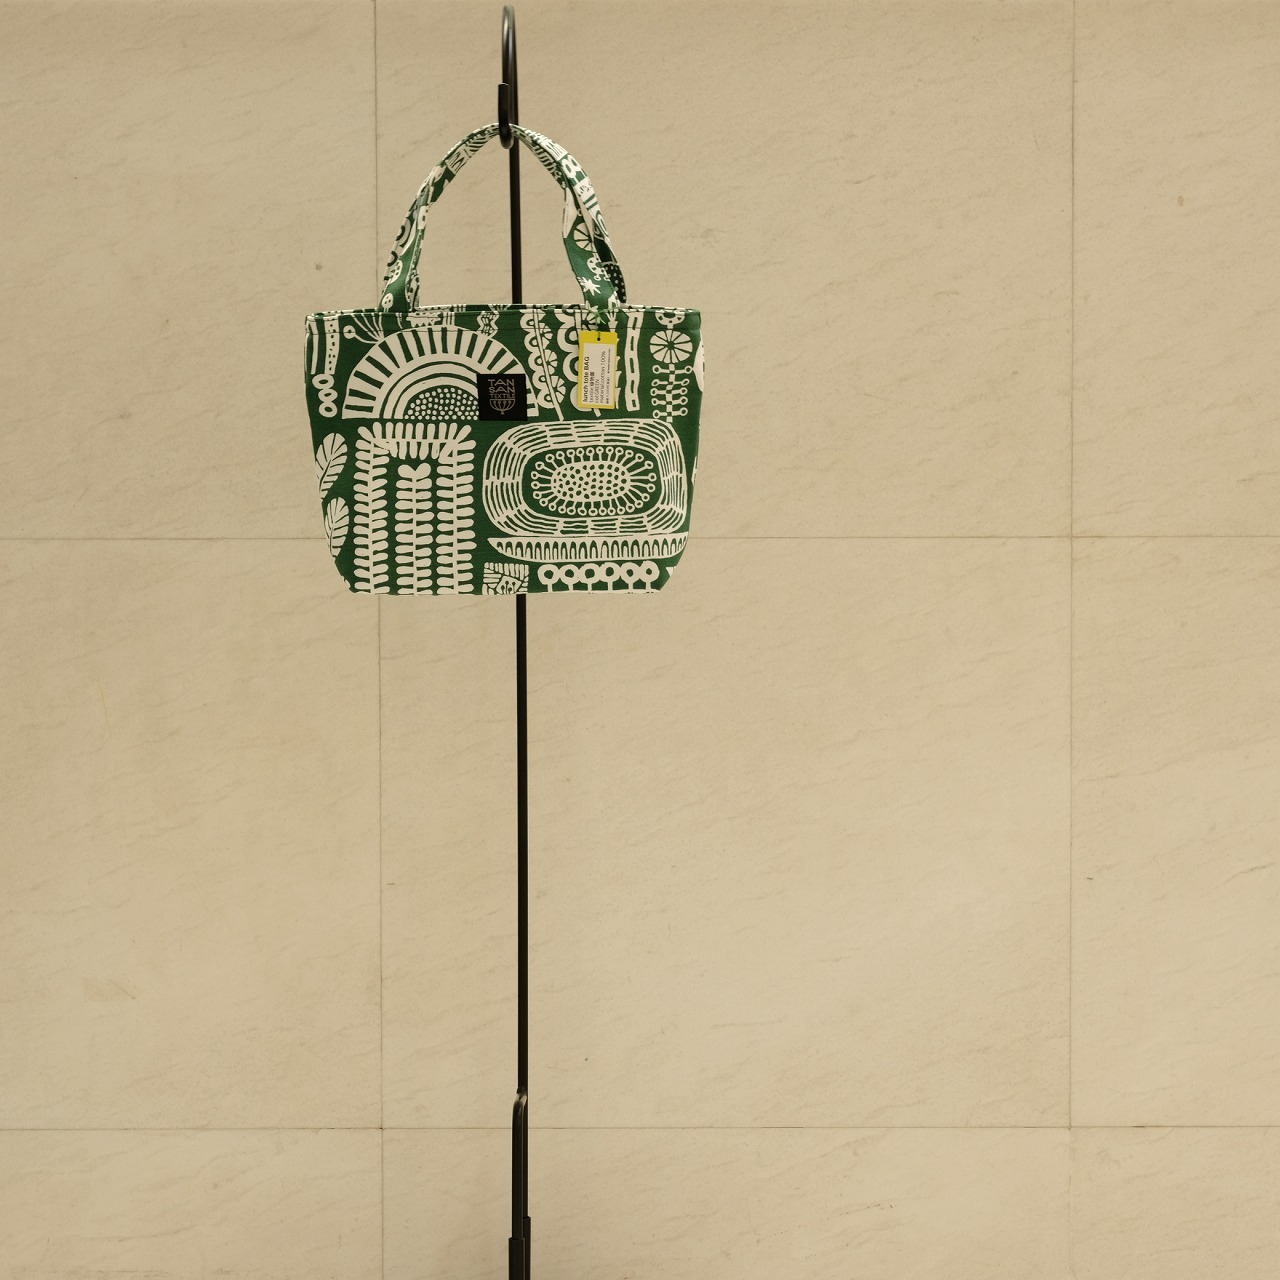 炭酸デザイン室 オンライン展示会 ランチトートバッグ_d0182409_17274779.jpg